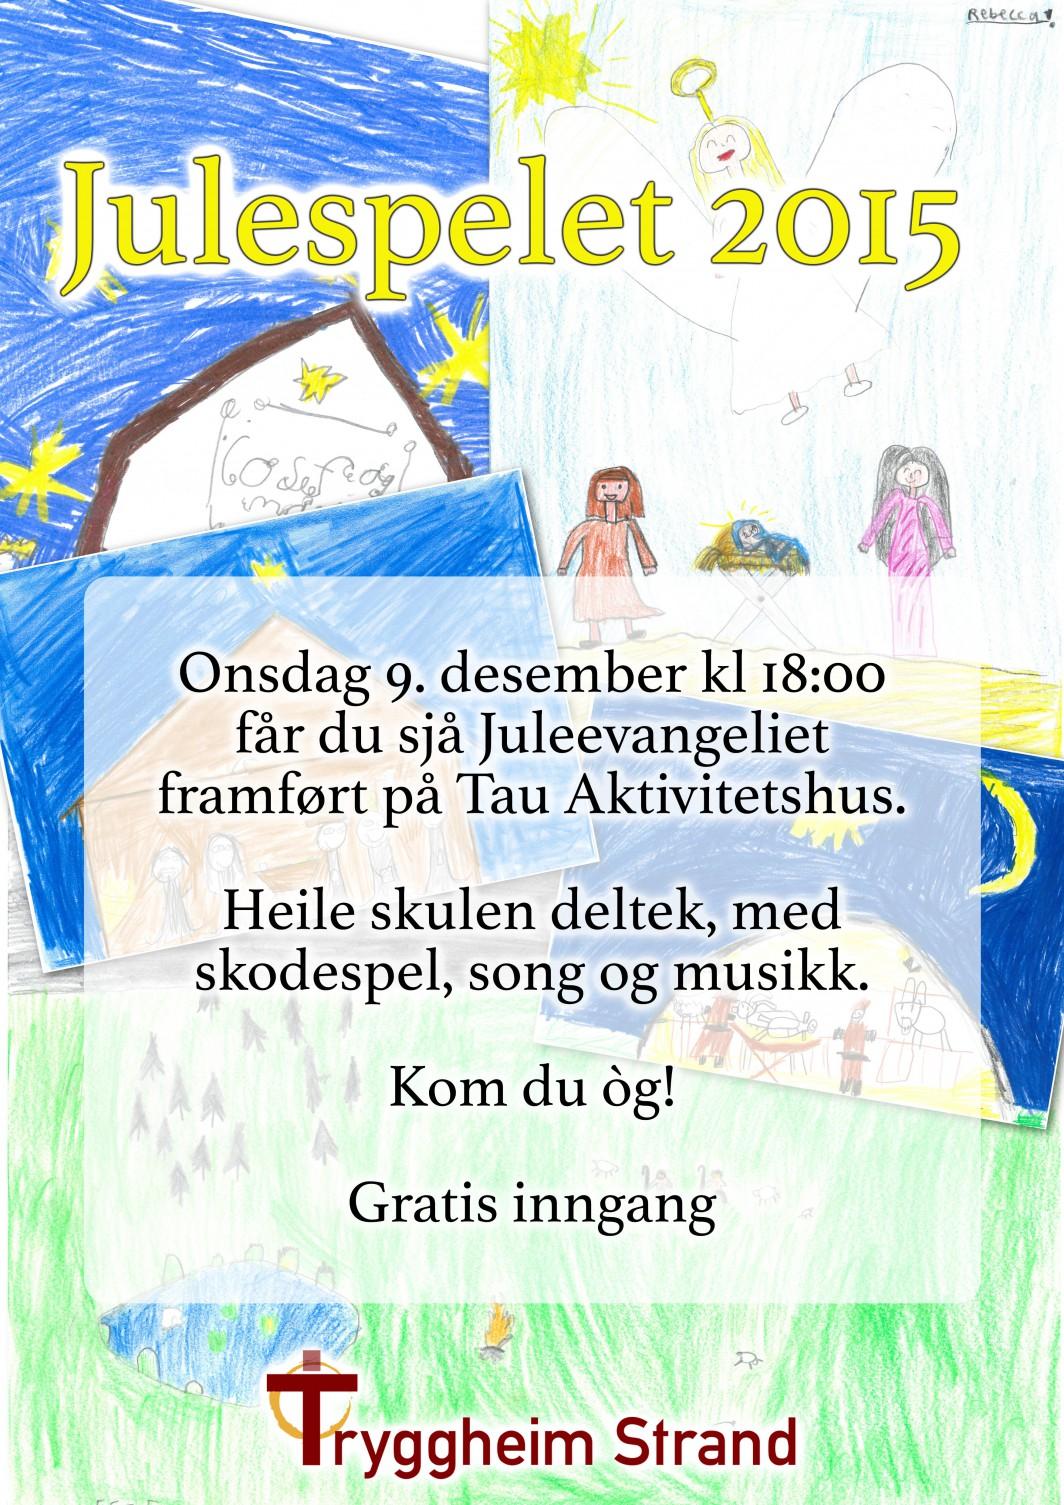 Plakat Julespelet 2015 TrS